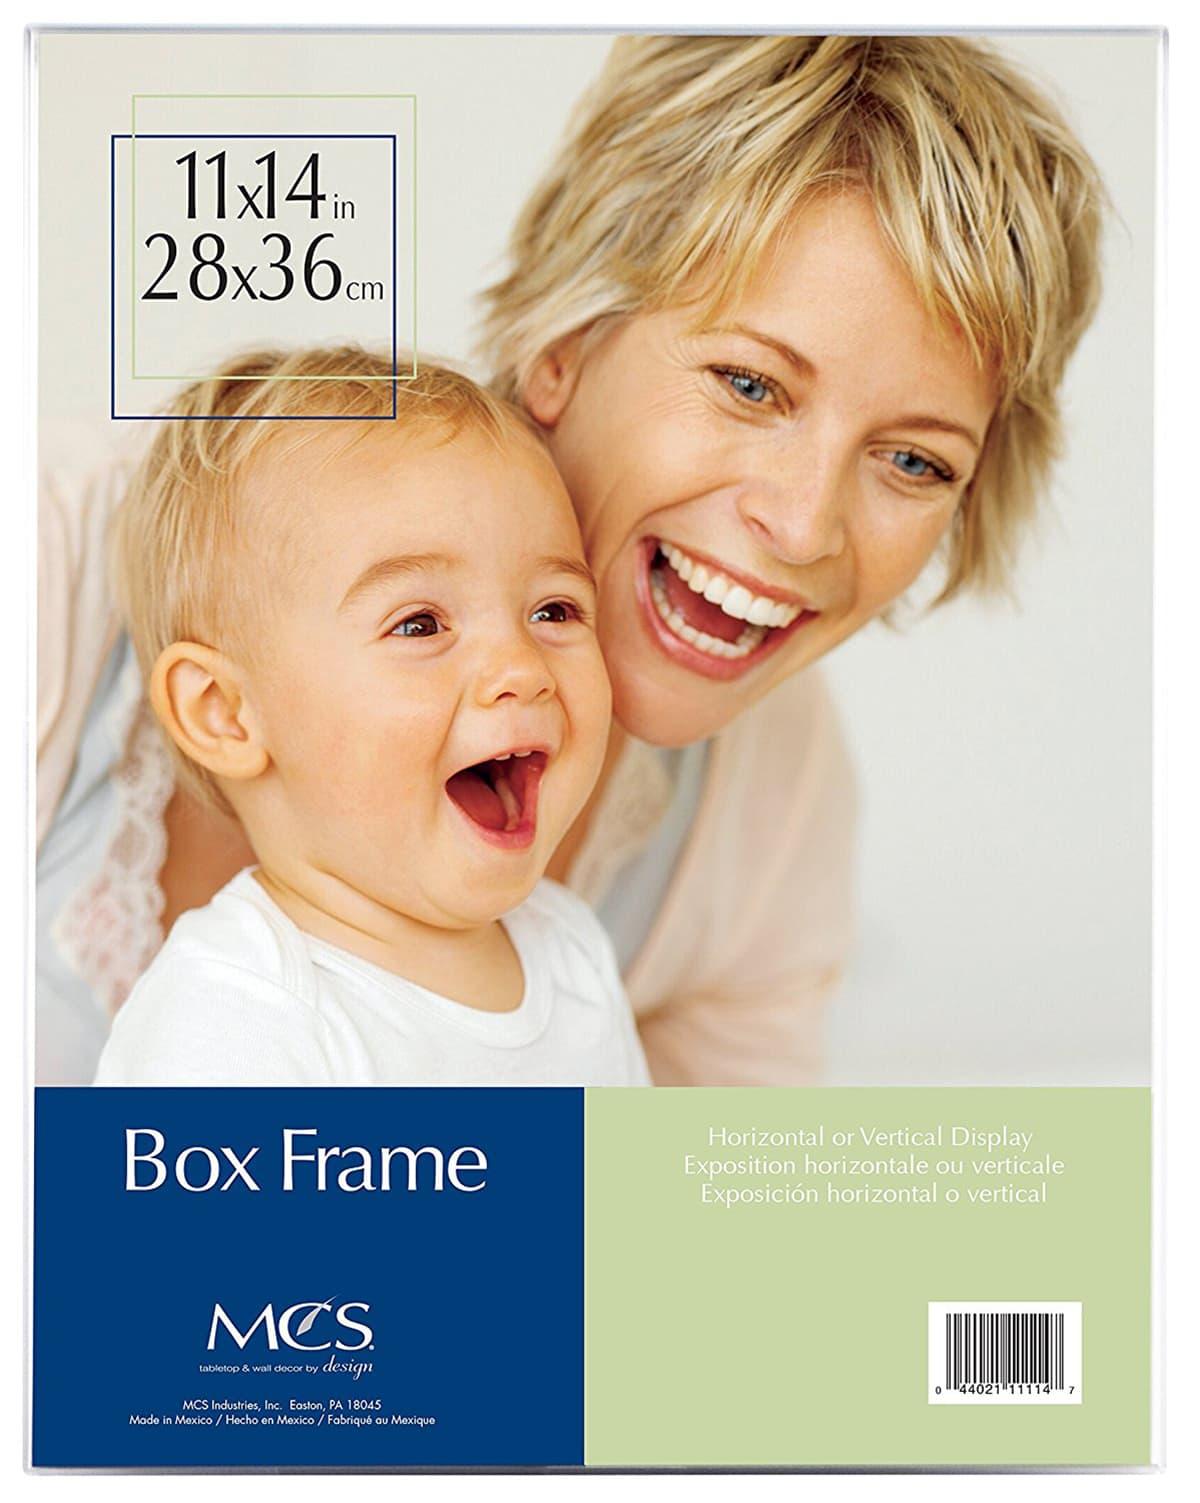 11x14 acrylic box frame